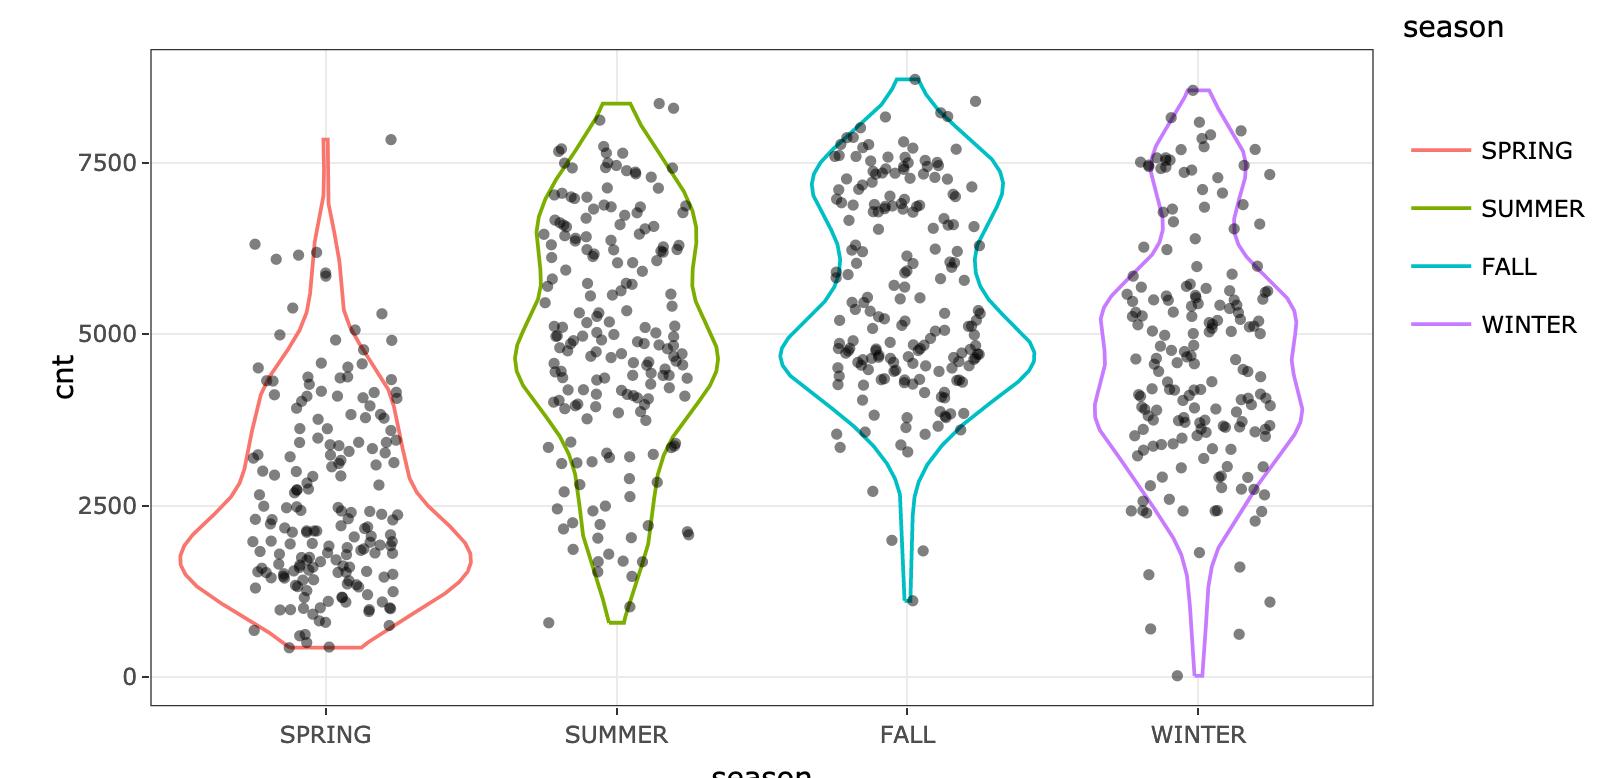 Season variable distribution